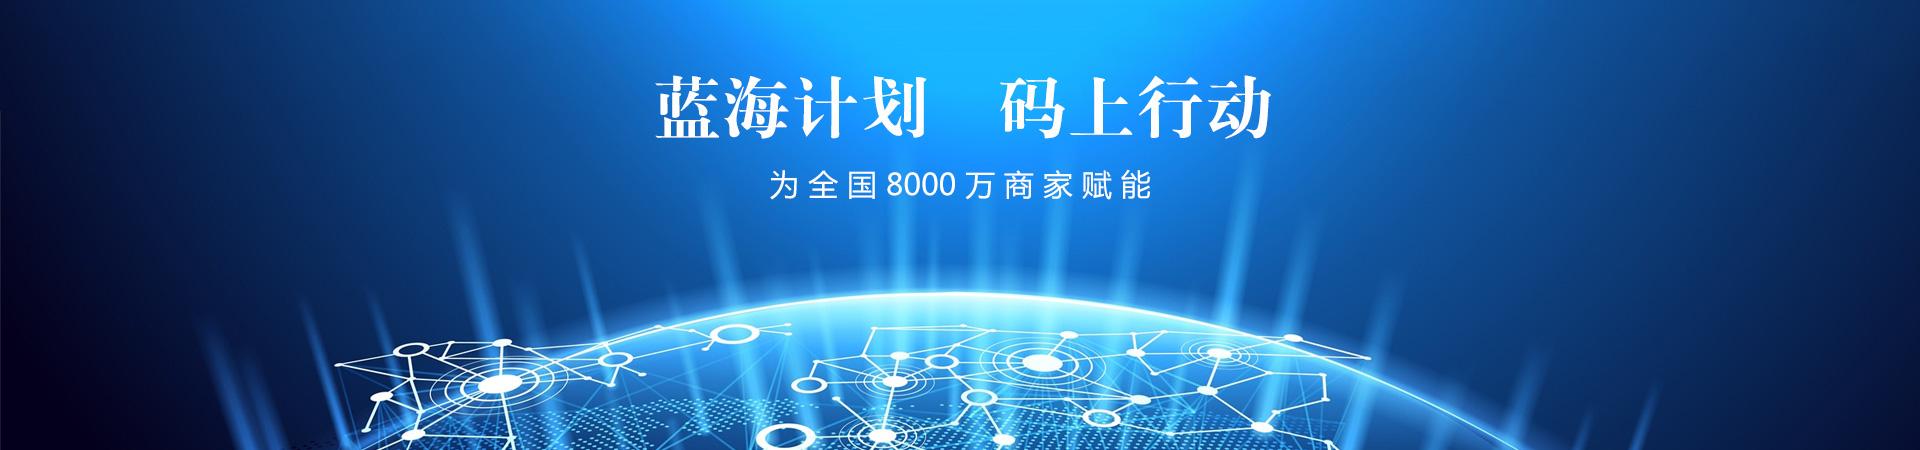 http://www.aqsmrz.com/data/upload/202003/20200326143457_426.jpg